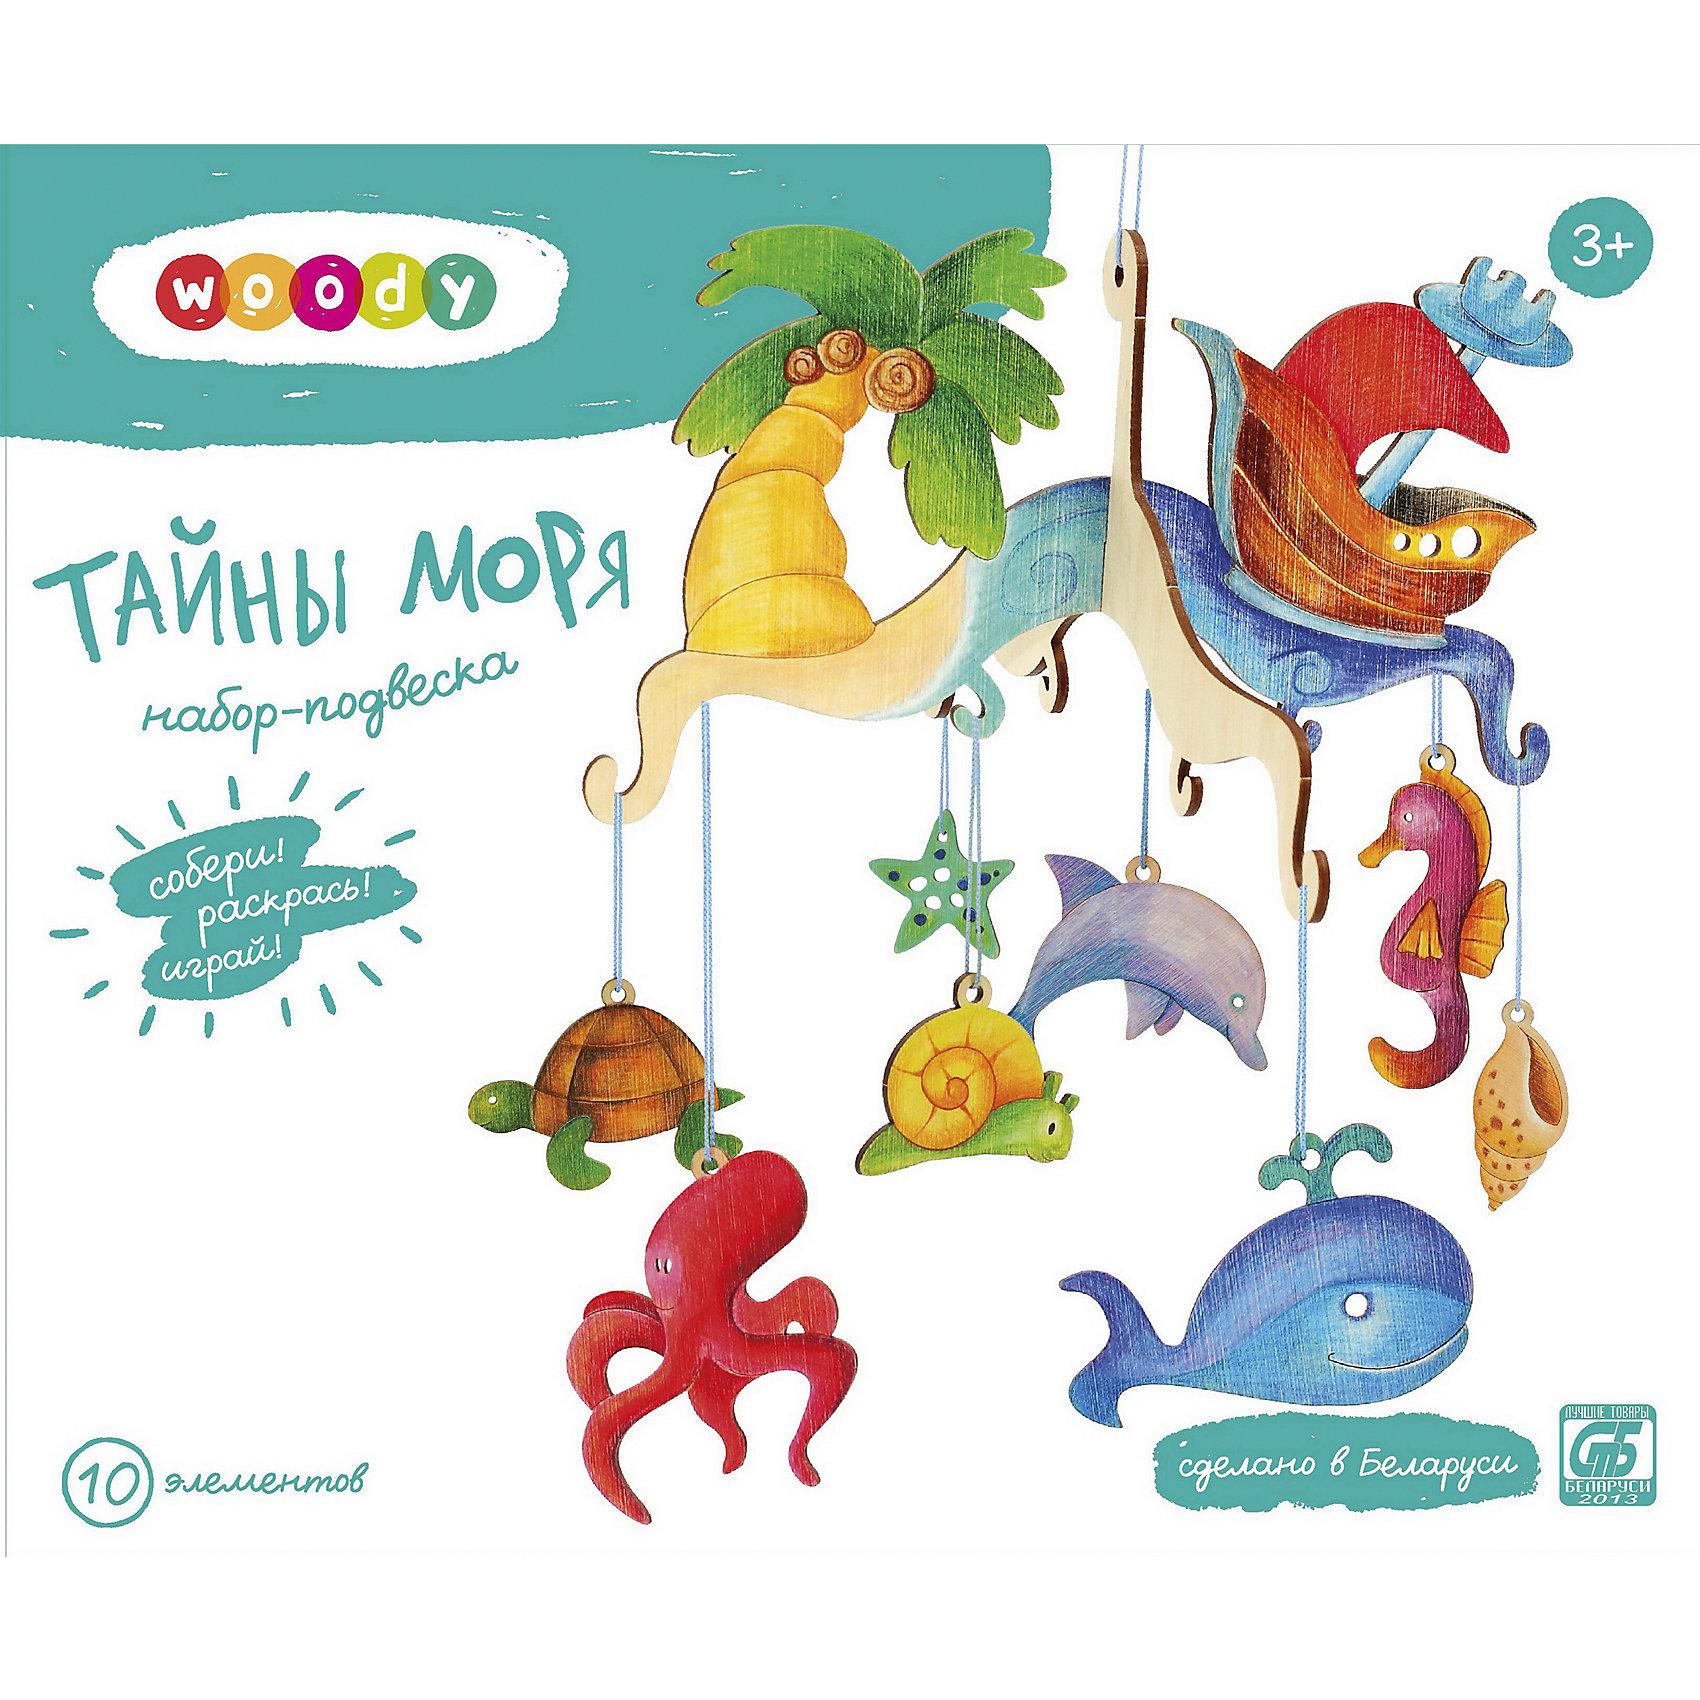 Набор Тайны моряДети постоянно чему-то учатся, сделать процесс познавания мира для малышей - просто! Интересная развивающая игрушка Тайны моря - это деревянные фигурки, которые складываются в подвеску. <br>Этот набор обязательно займет ребенка! Игра с ним помогает детям развивать мелкую моторику, наблюдательность, творческие способности и познавать мир, его можно раскрасить по своему усмотрению. Игрушка сделана из качественных и безопасных для ребенка материалов - натурального дерева. <br><br>Дополнительная информация:<br><br>цвет: дерево;<br>размер упаковки: 27,5 х 23 х 6 см;<br>вес: 300 г;<br>10 элементов;<br>материал: дерево.<br><br>Набор Тайны моря можно купить в нашем магазине.<br><br>Ширина мм: 280<br>Глубина мм: 60<br>Высота мм: 230<br>Вес г: 295<br>Возраст от месяцев: 36<br>Возраст до месяцев: 2147483647<br>Пол: Унисекс<br>Возраст: Детский<br>SKU: 4916362